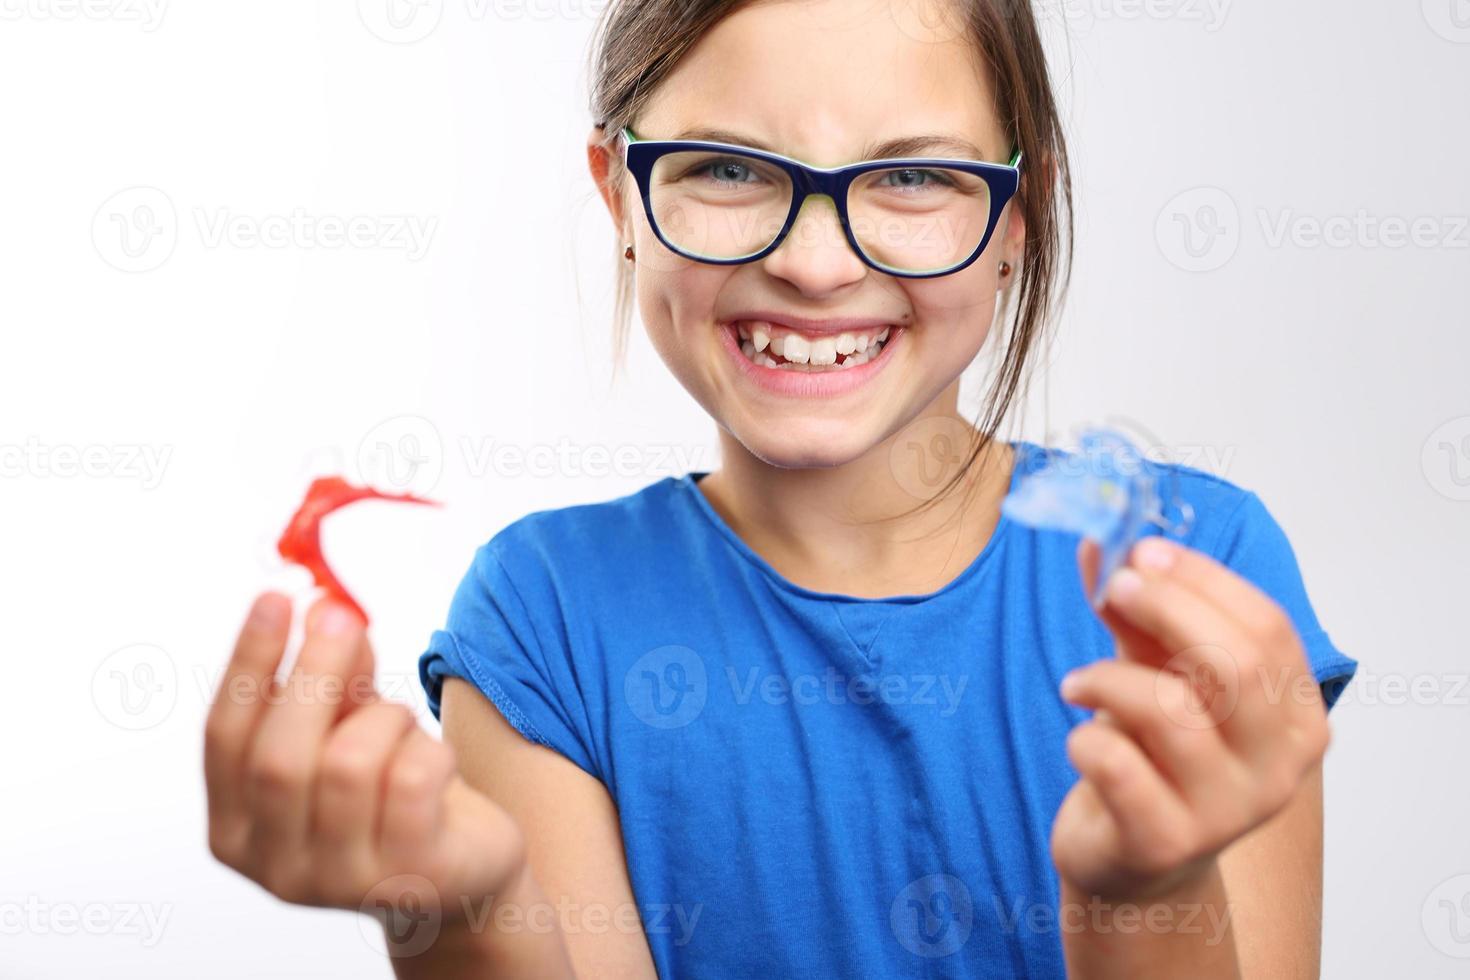 criança com aparelho ortodôntico. foto